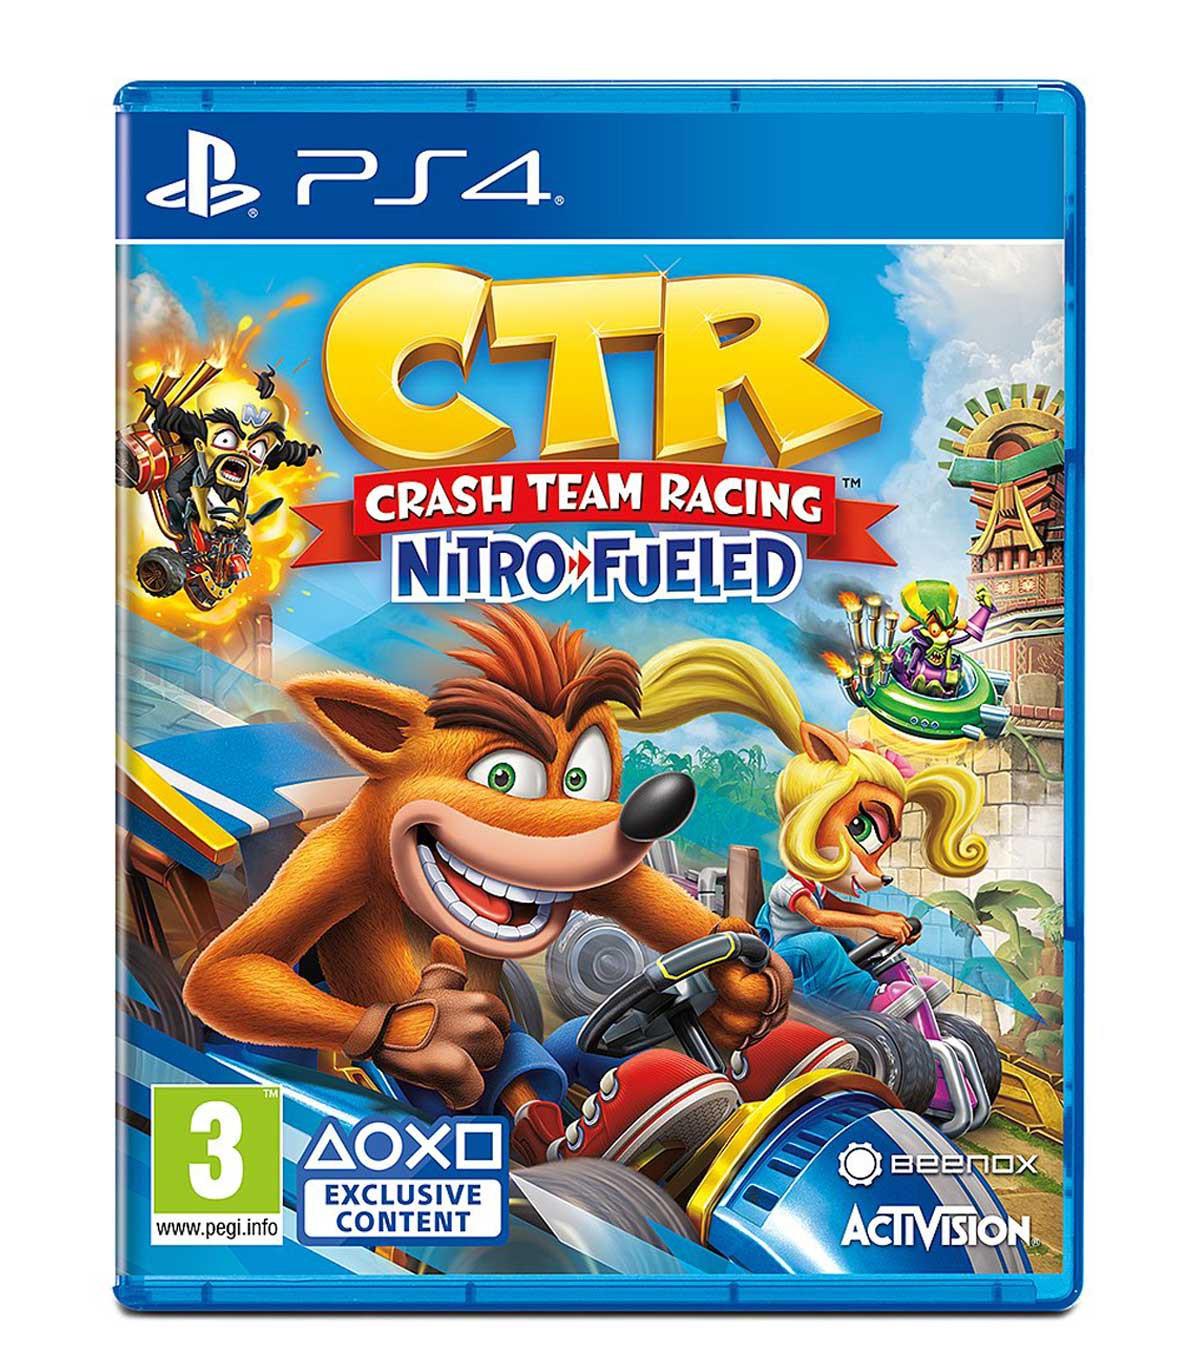 بازی Crash Team Racing Nitro-Fueled کارکرده - پلی استیشن 4